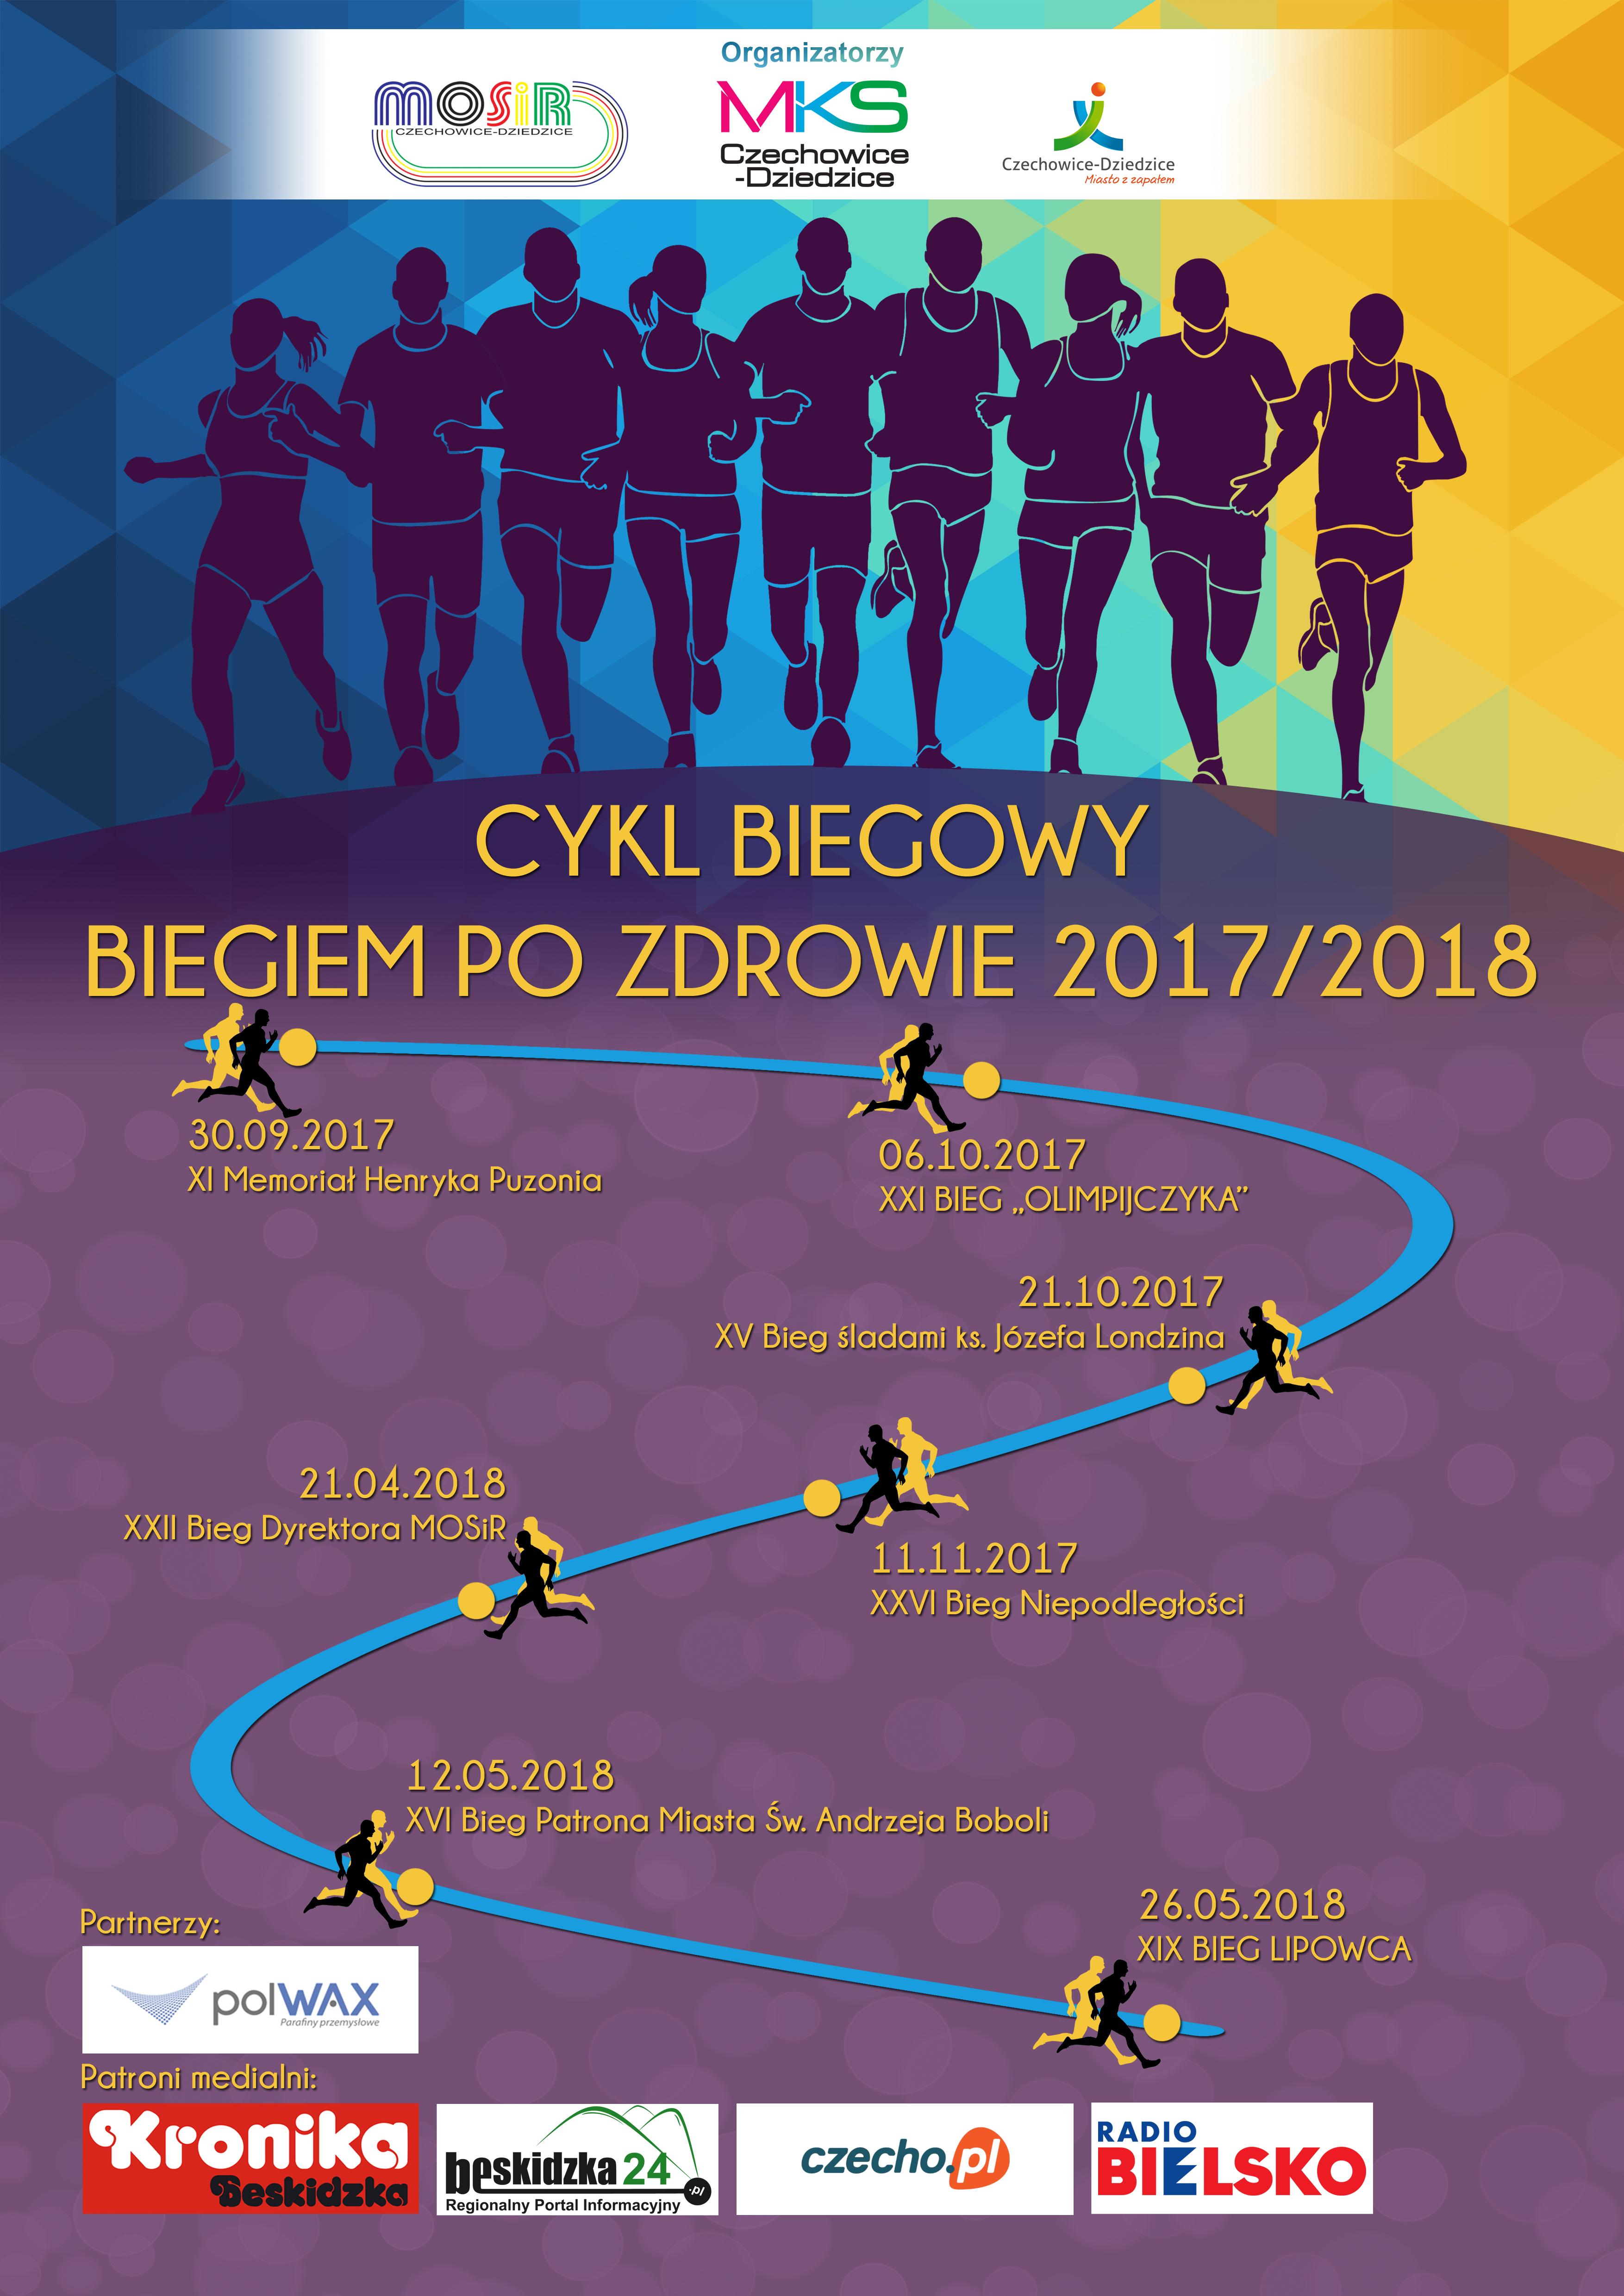 Cykl Biegowy Biegiem Po Zdrowie 2017/2018